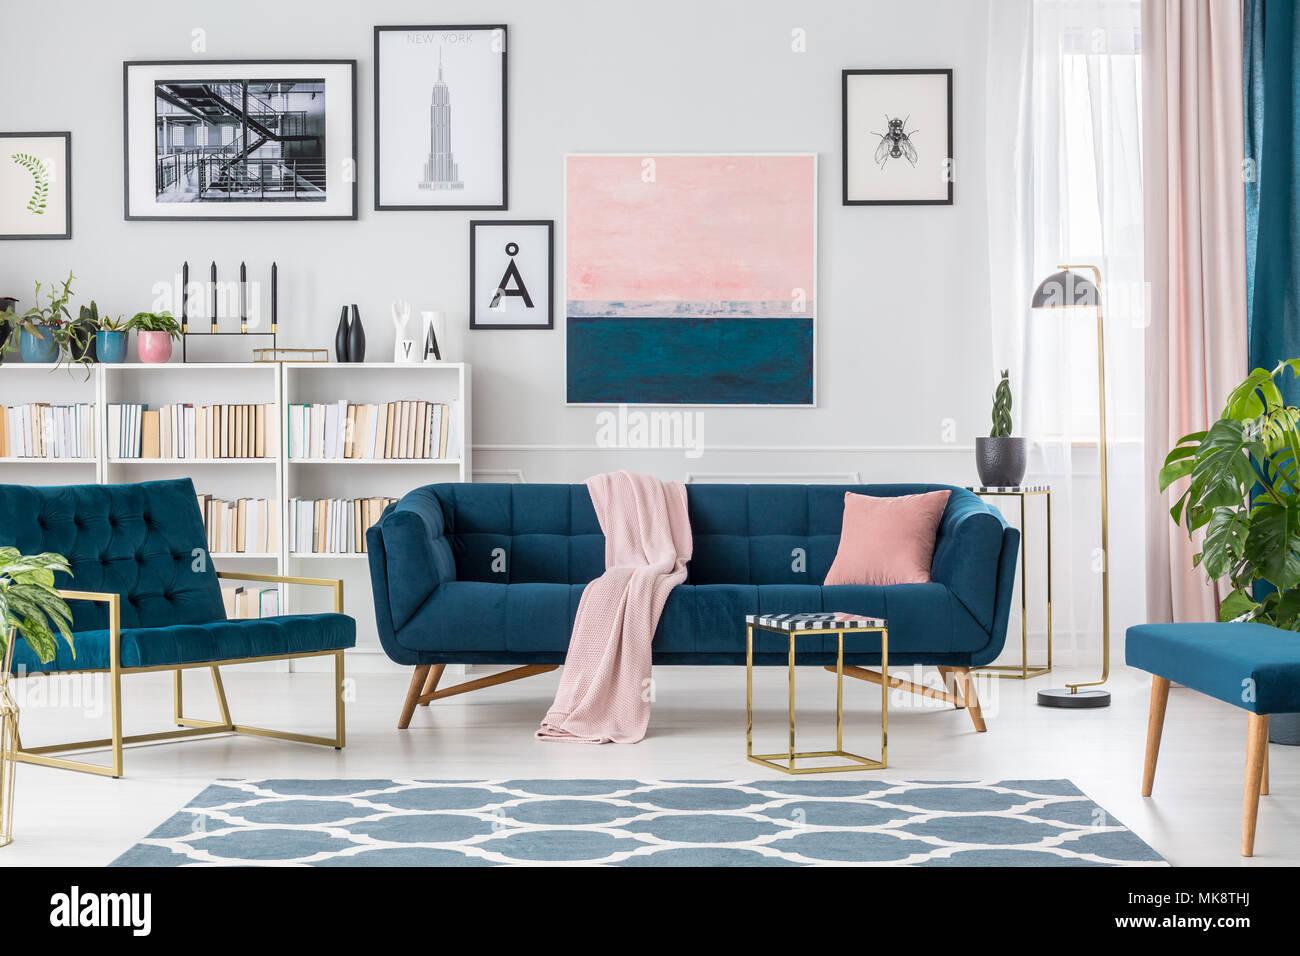 Lampe Neben Marine Blaue Couch Gegen Die Wand Mit Rosa Gemalde Und